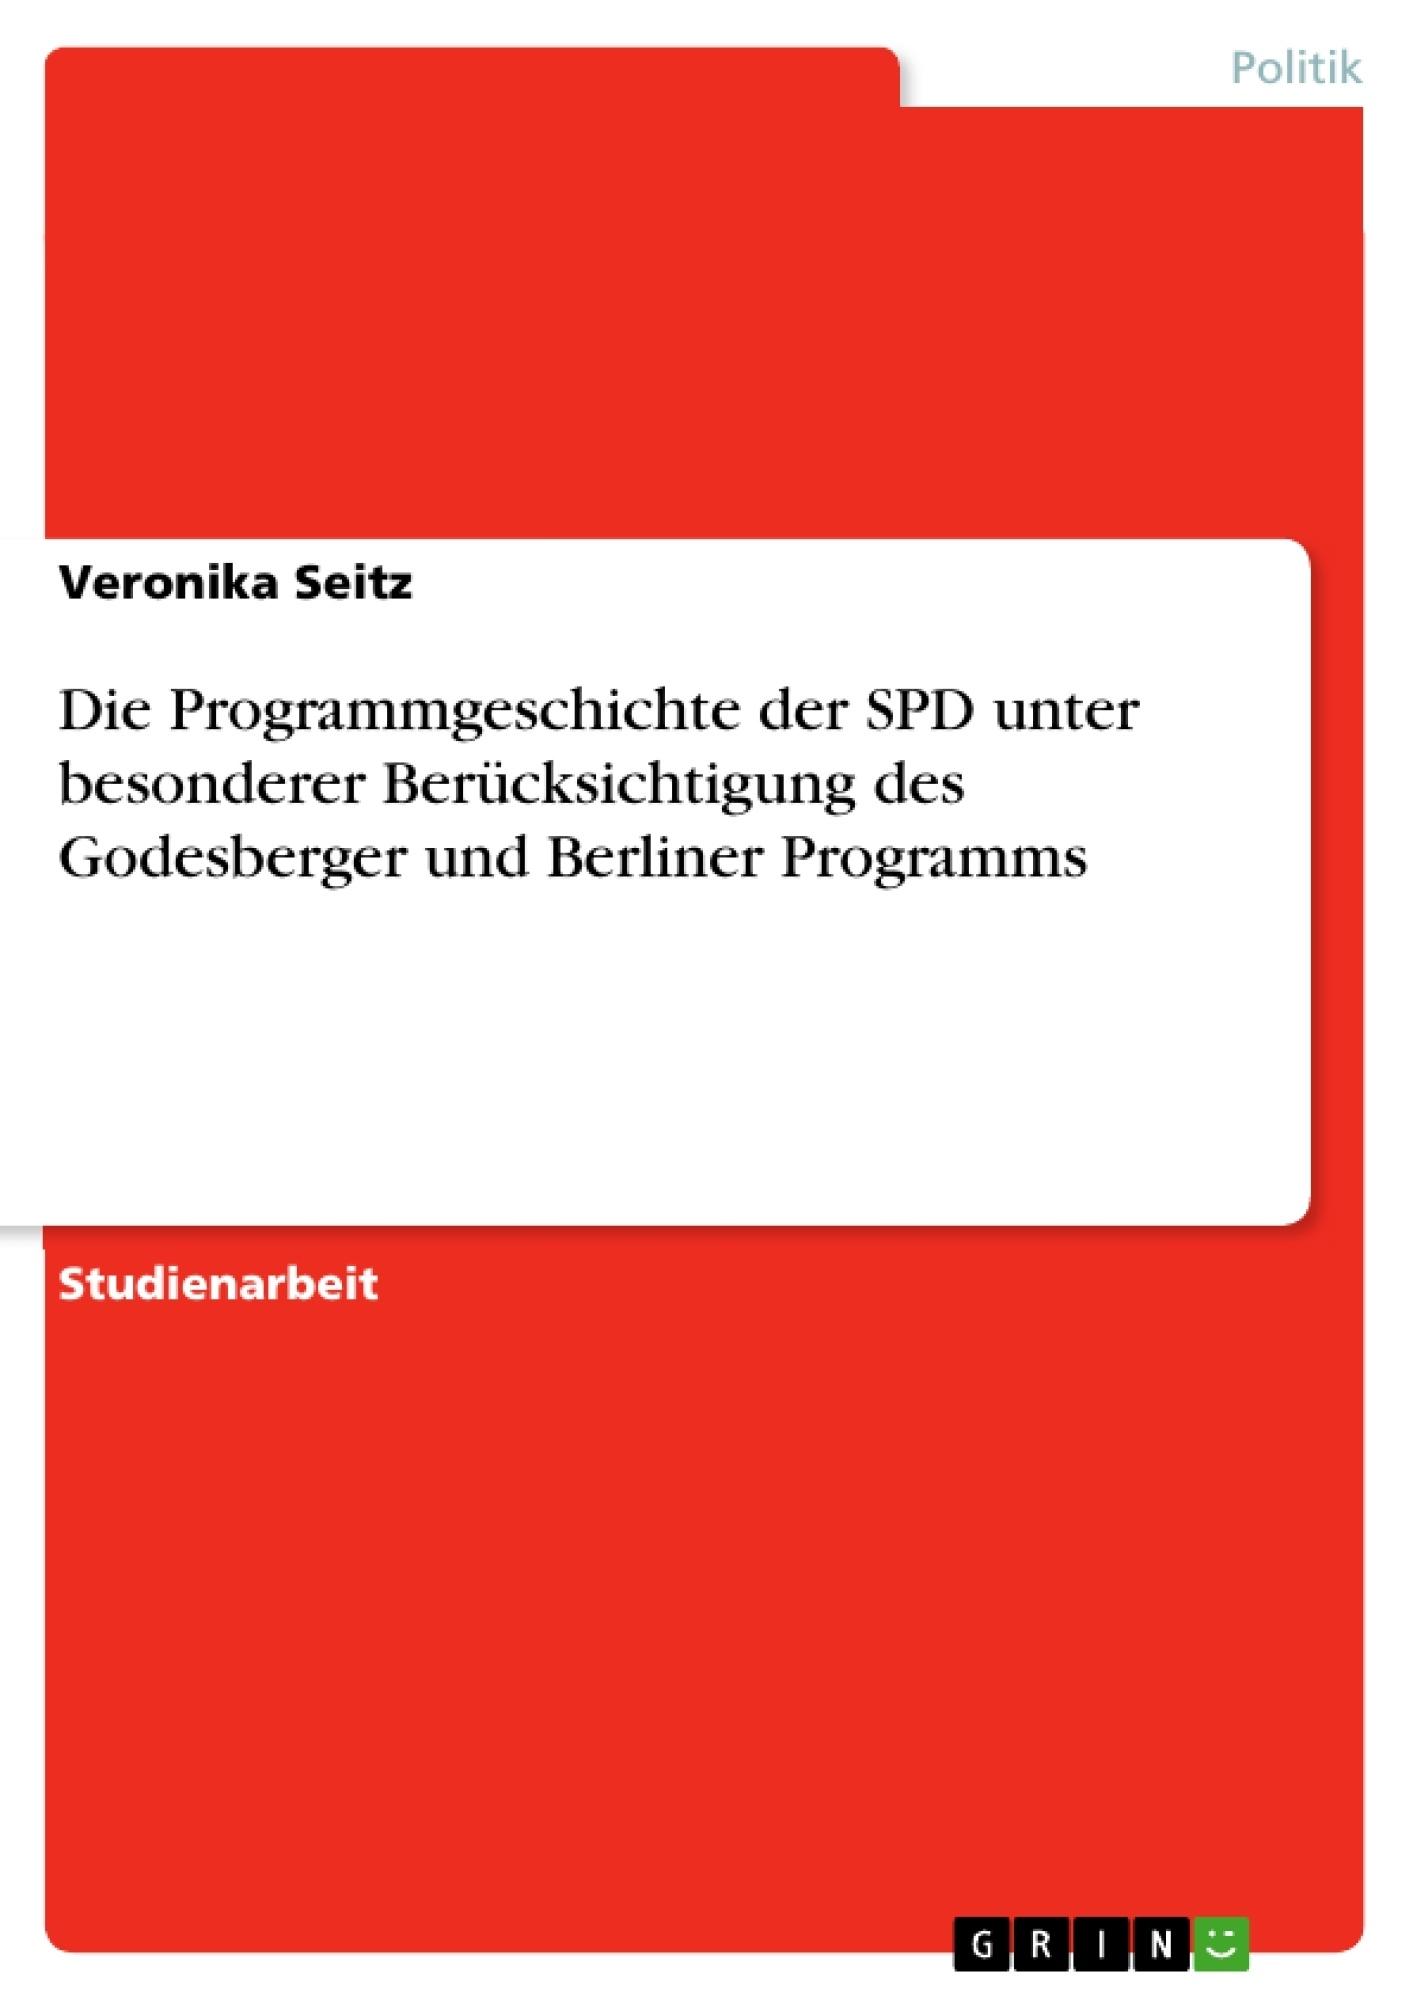 Titel: Die Programmgeschichte der SPD unter besonderer Berücksichtigung des Godesberger und Berliner Programms